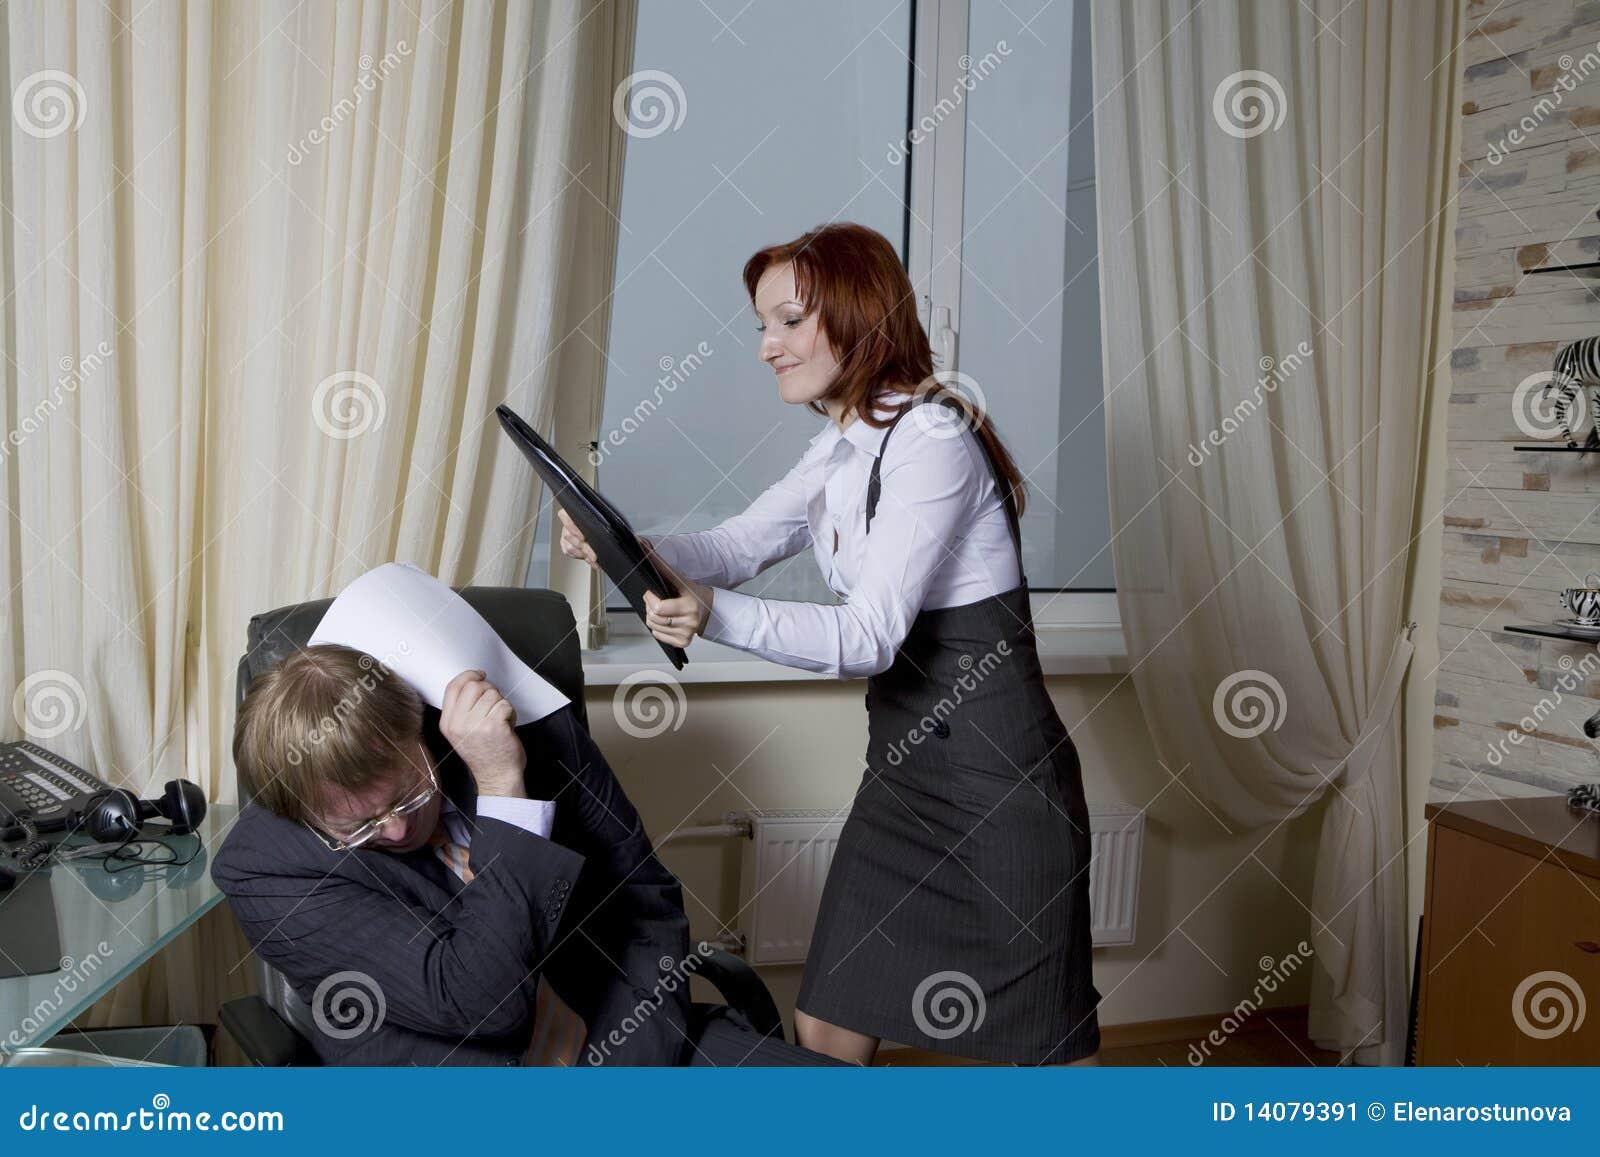 Хозяйка и секретарша 2 фотография